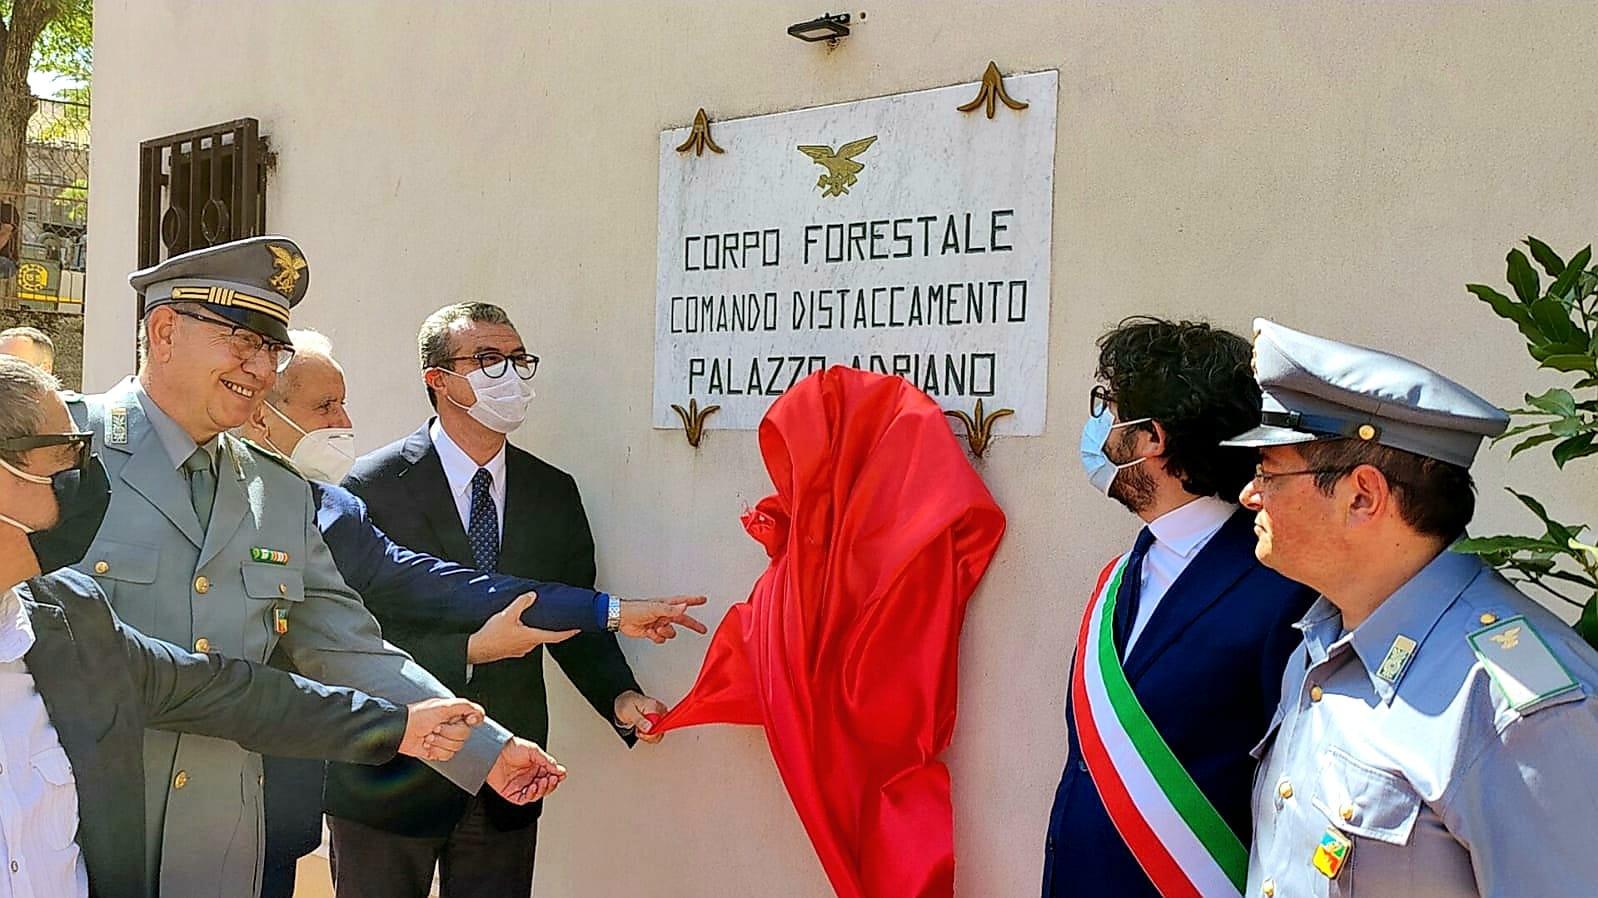 Corpo forestale della Regione, Cordaro inaugura il distaccamento di Palazzo Adriano